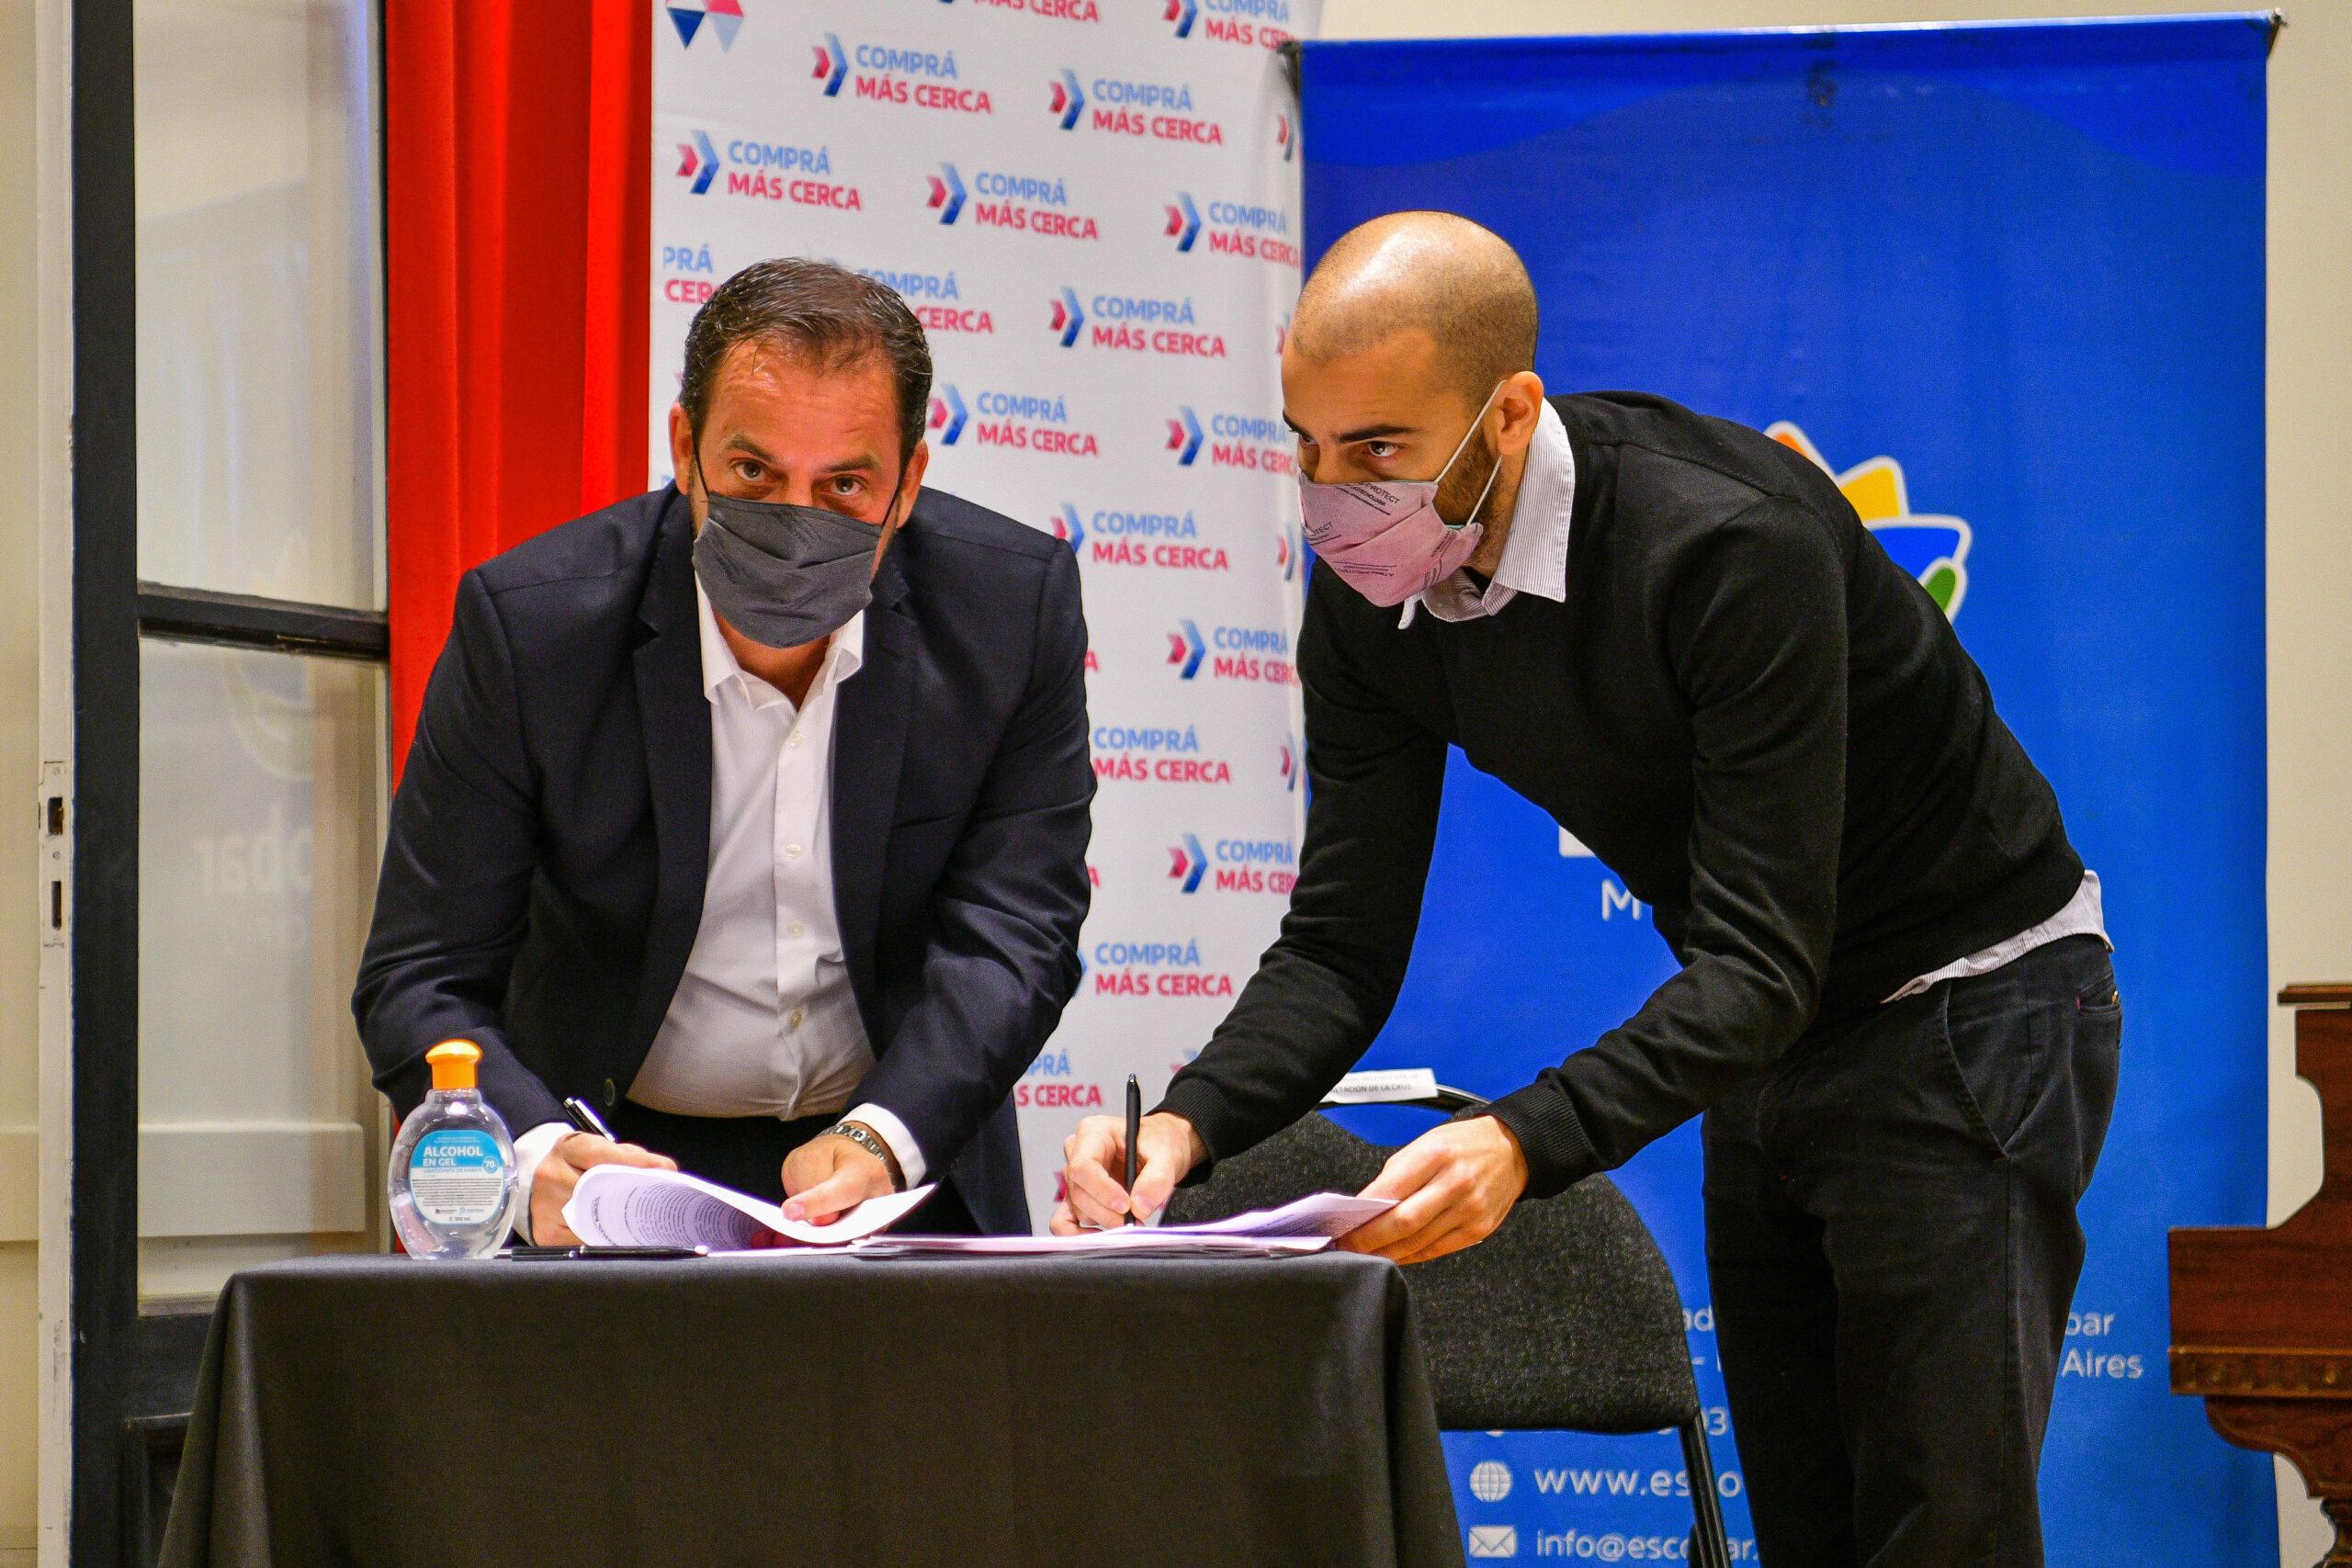 Ariel Sujarchuk firmó el convenio de adhesión al programa provincial Comprá Más Cerca junto al ministro Augusto Costa